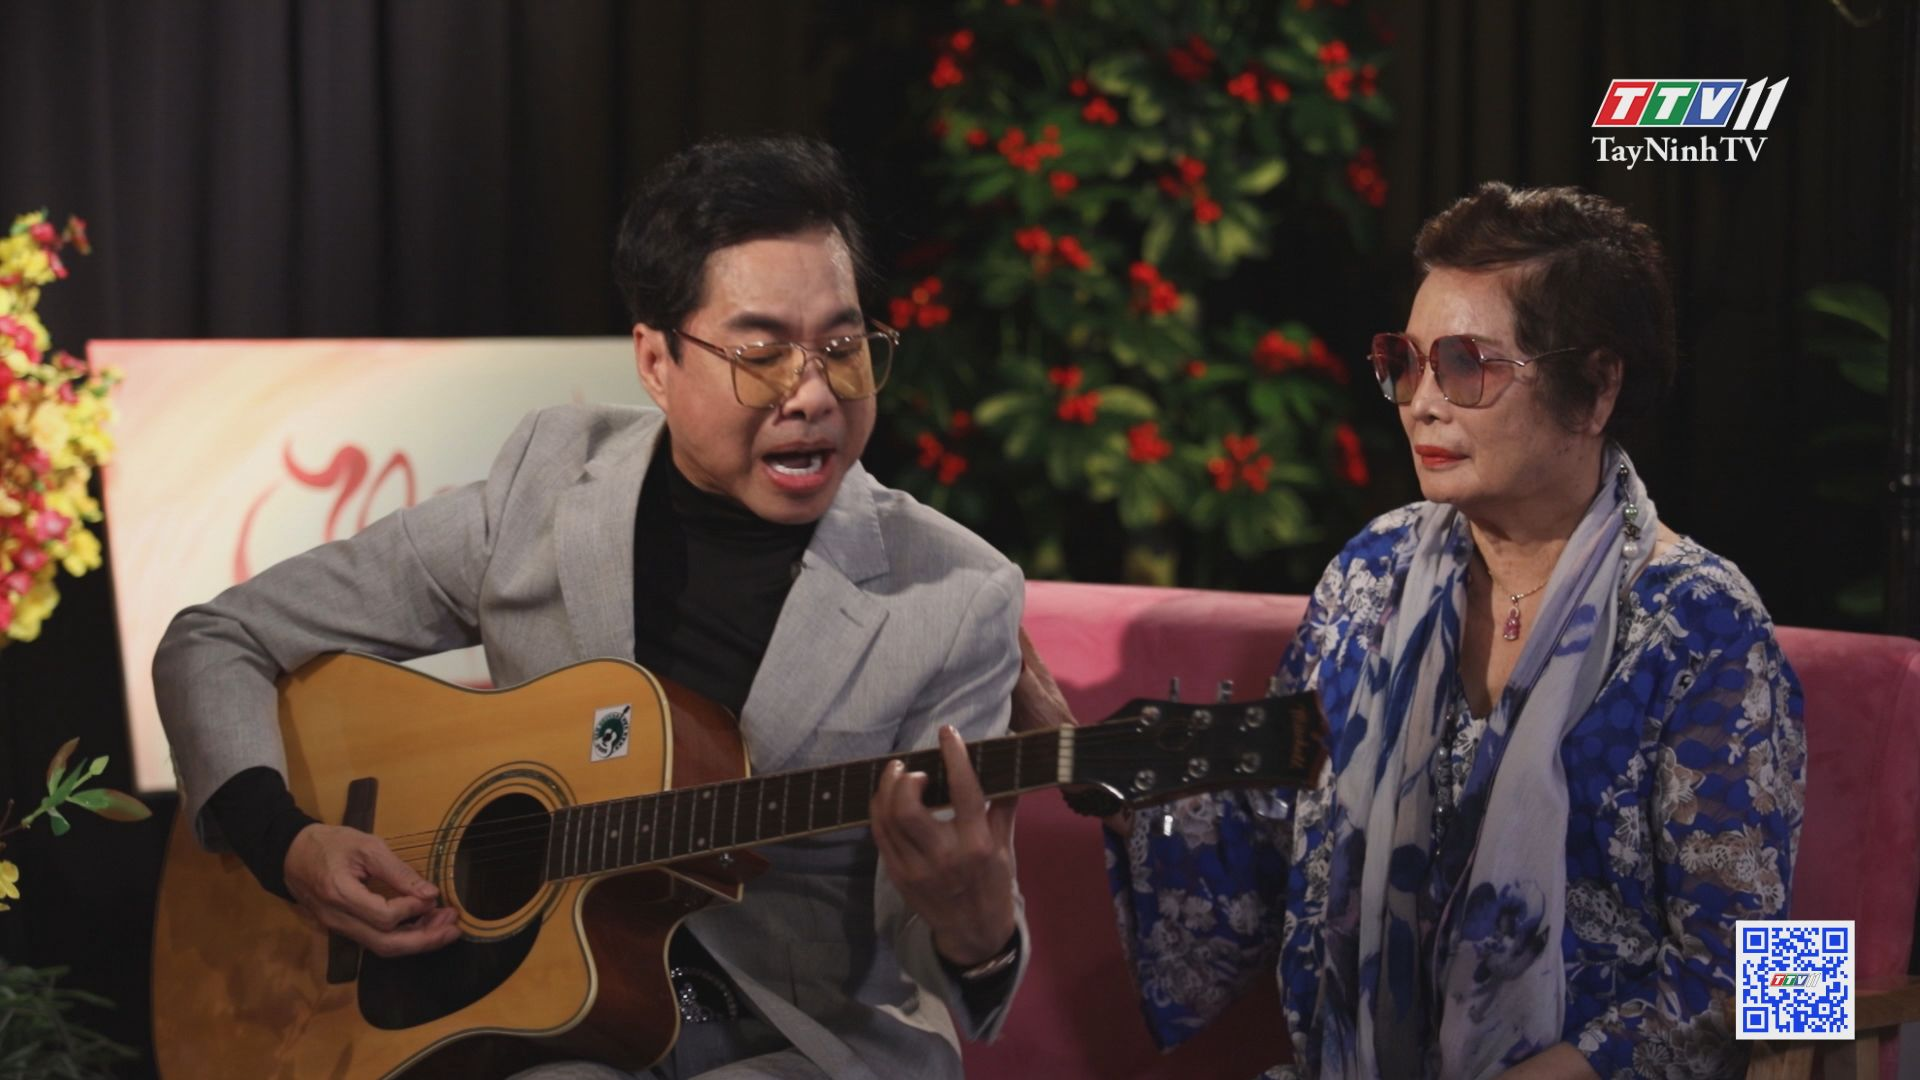 Tập 7 năm 2021_Danh ca Ngọc Sơn từ ca sĩ hát lót đến ông hoàng nhạc sến | HẠNH PHÚC Ở ĐÂU | TayNinhTV